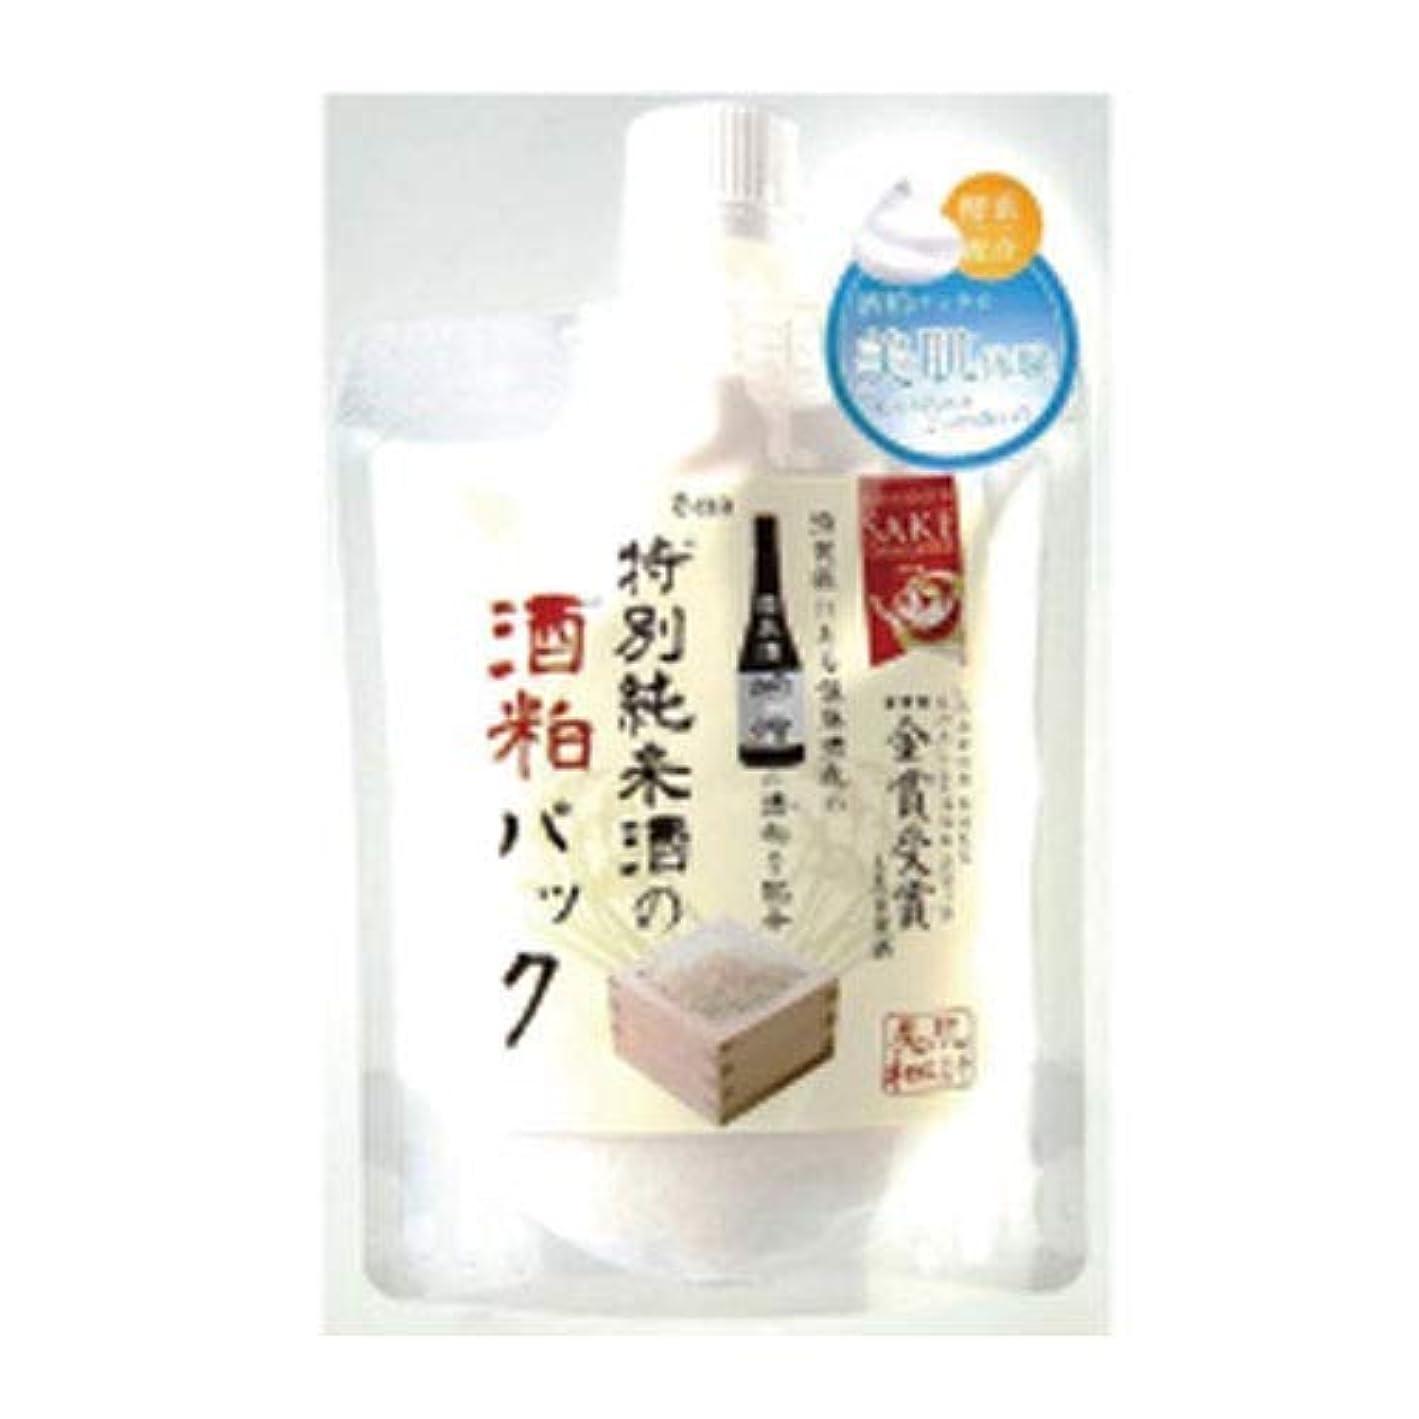 渇き羽日曜日特別純米酒の酒粕パック48個セット